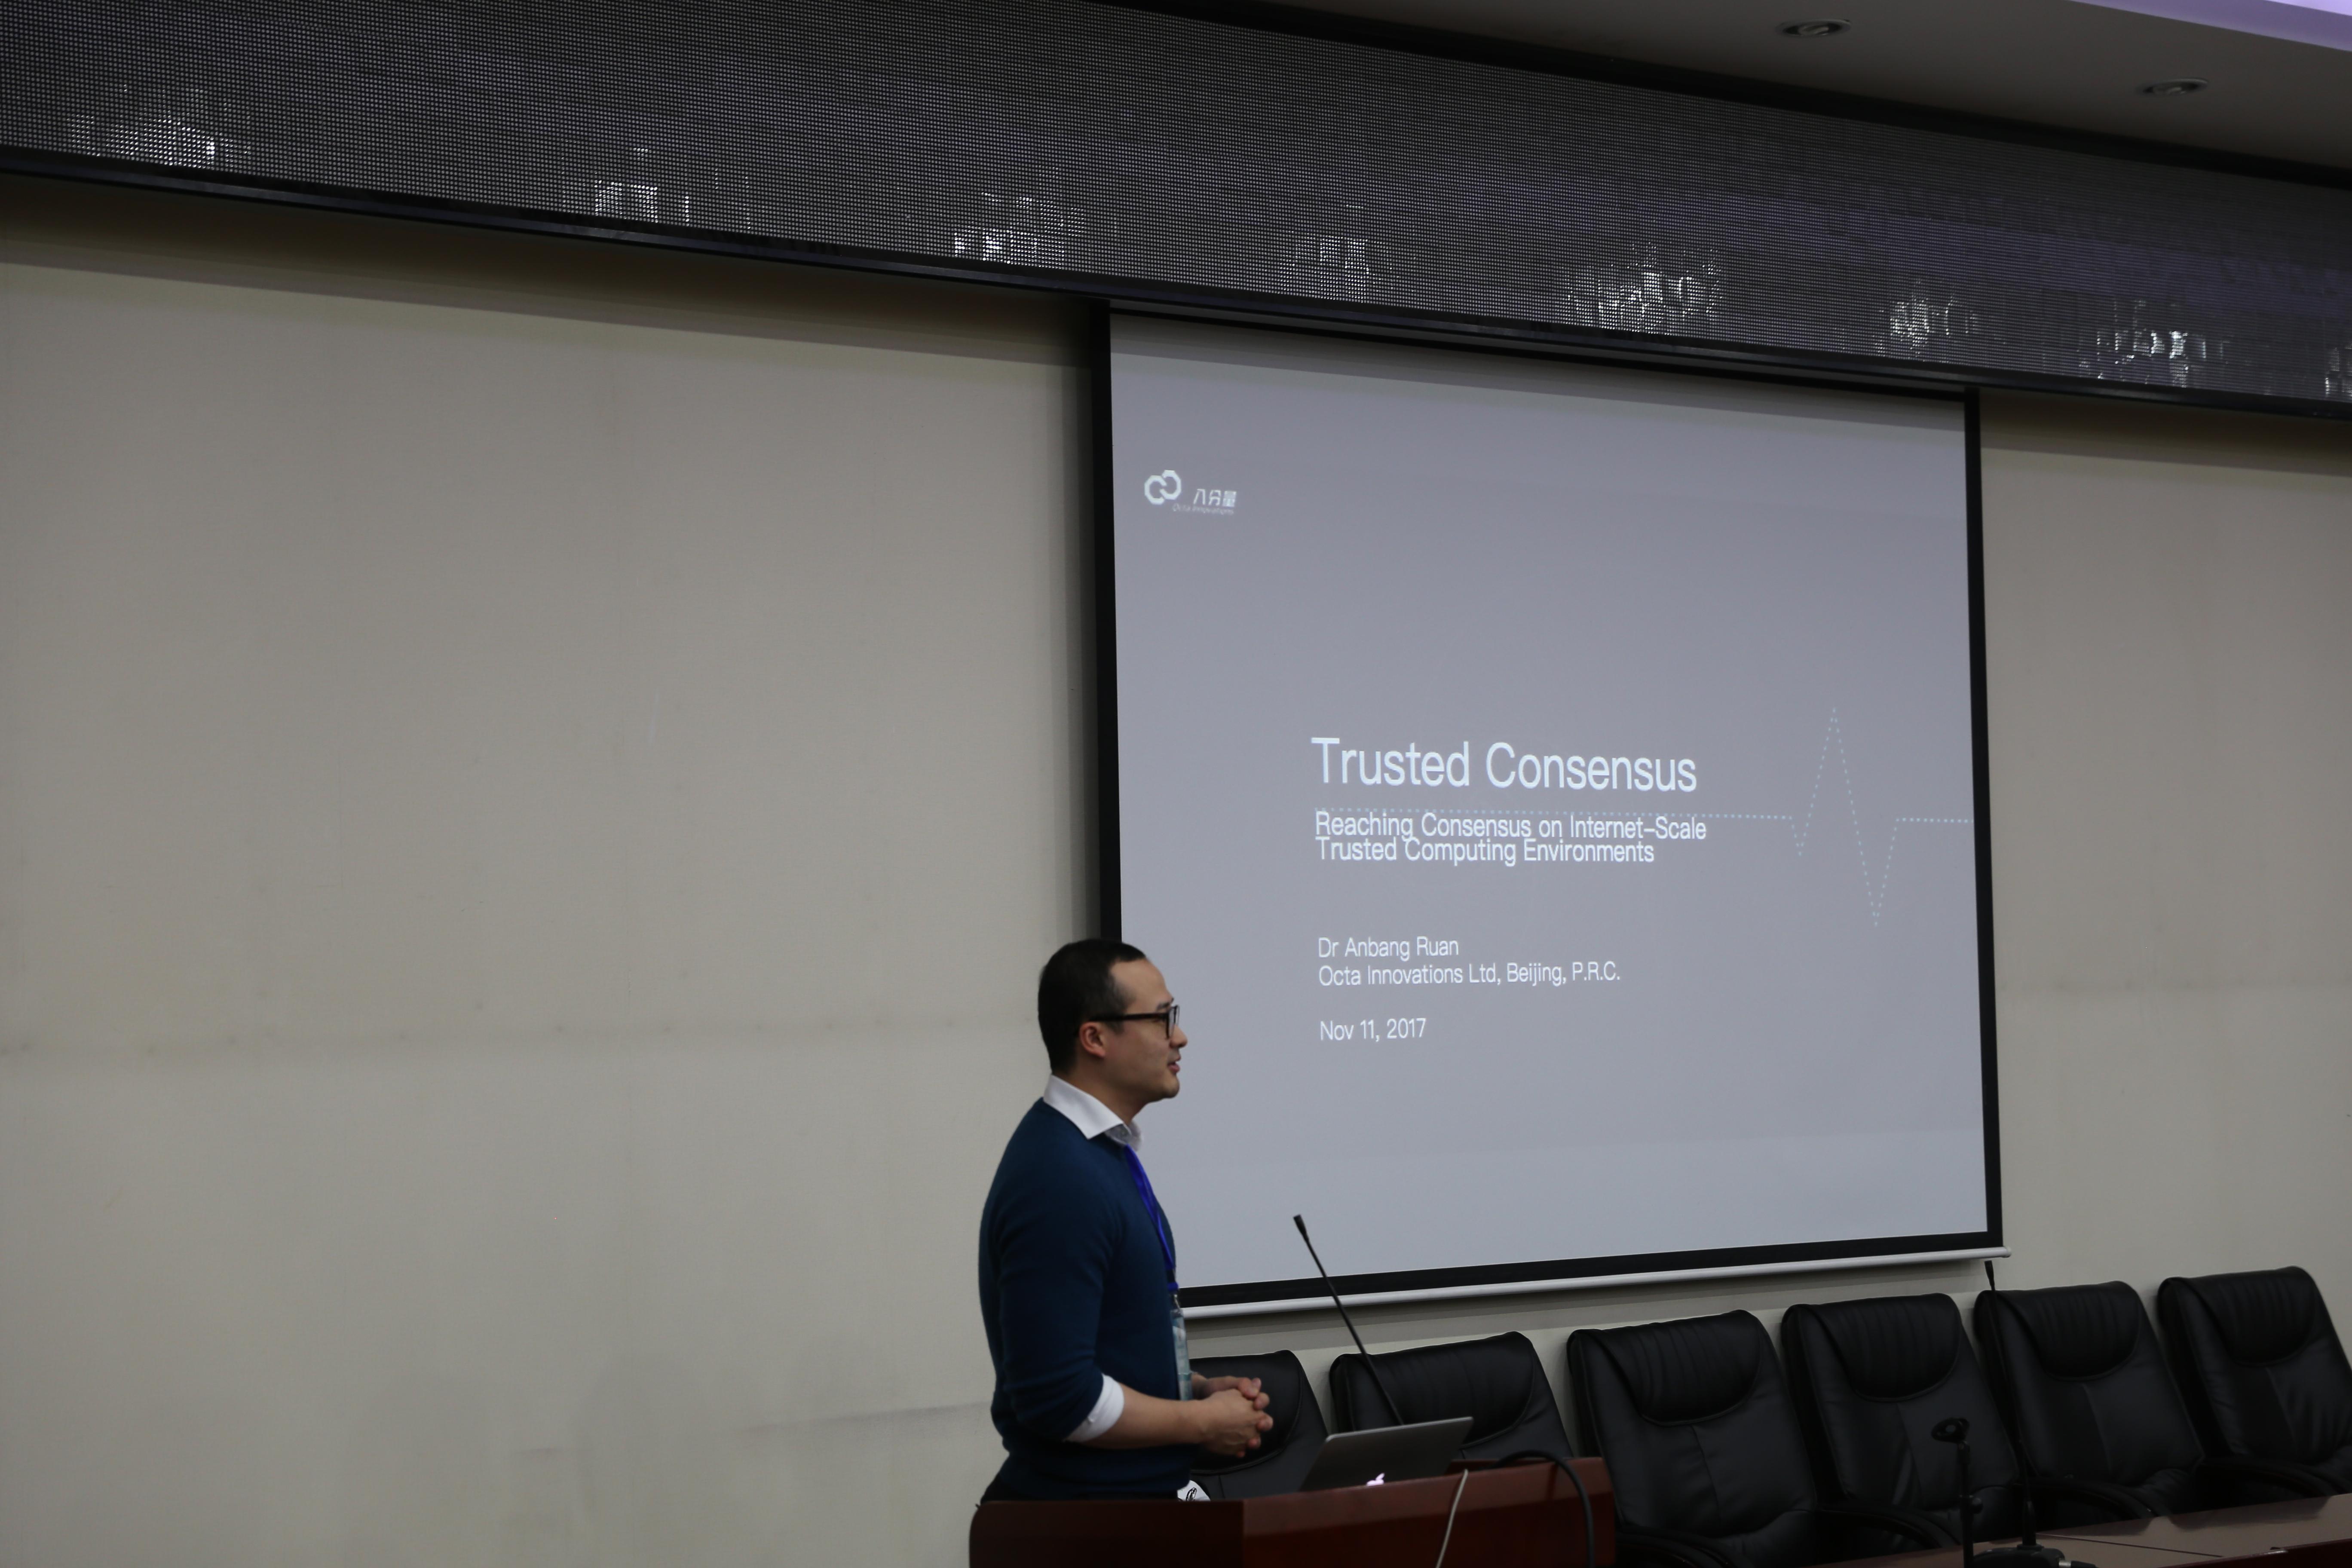 北京八分量信息科技有限公司CEO 阮安邦作主题为《异构共识:可信计算、信誉系统与区块链的结 合初探》的报告